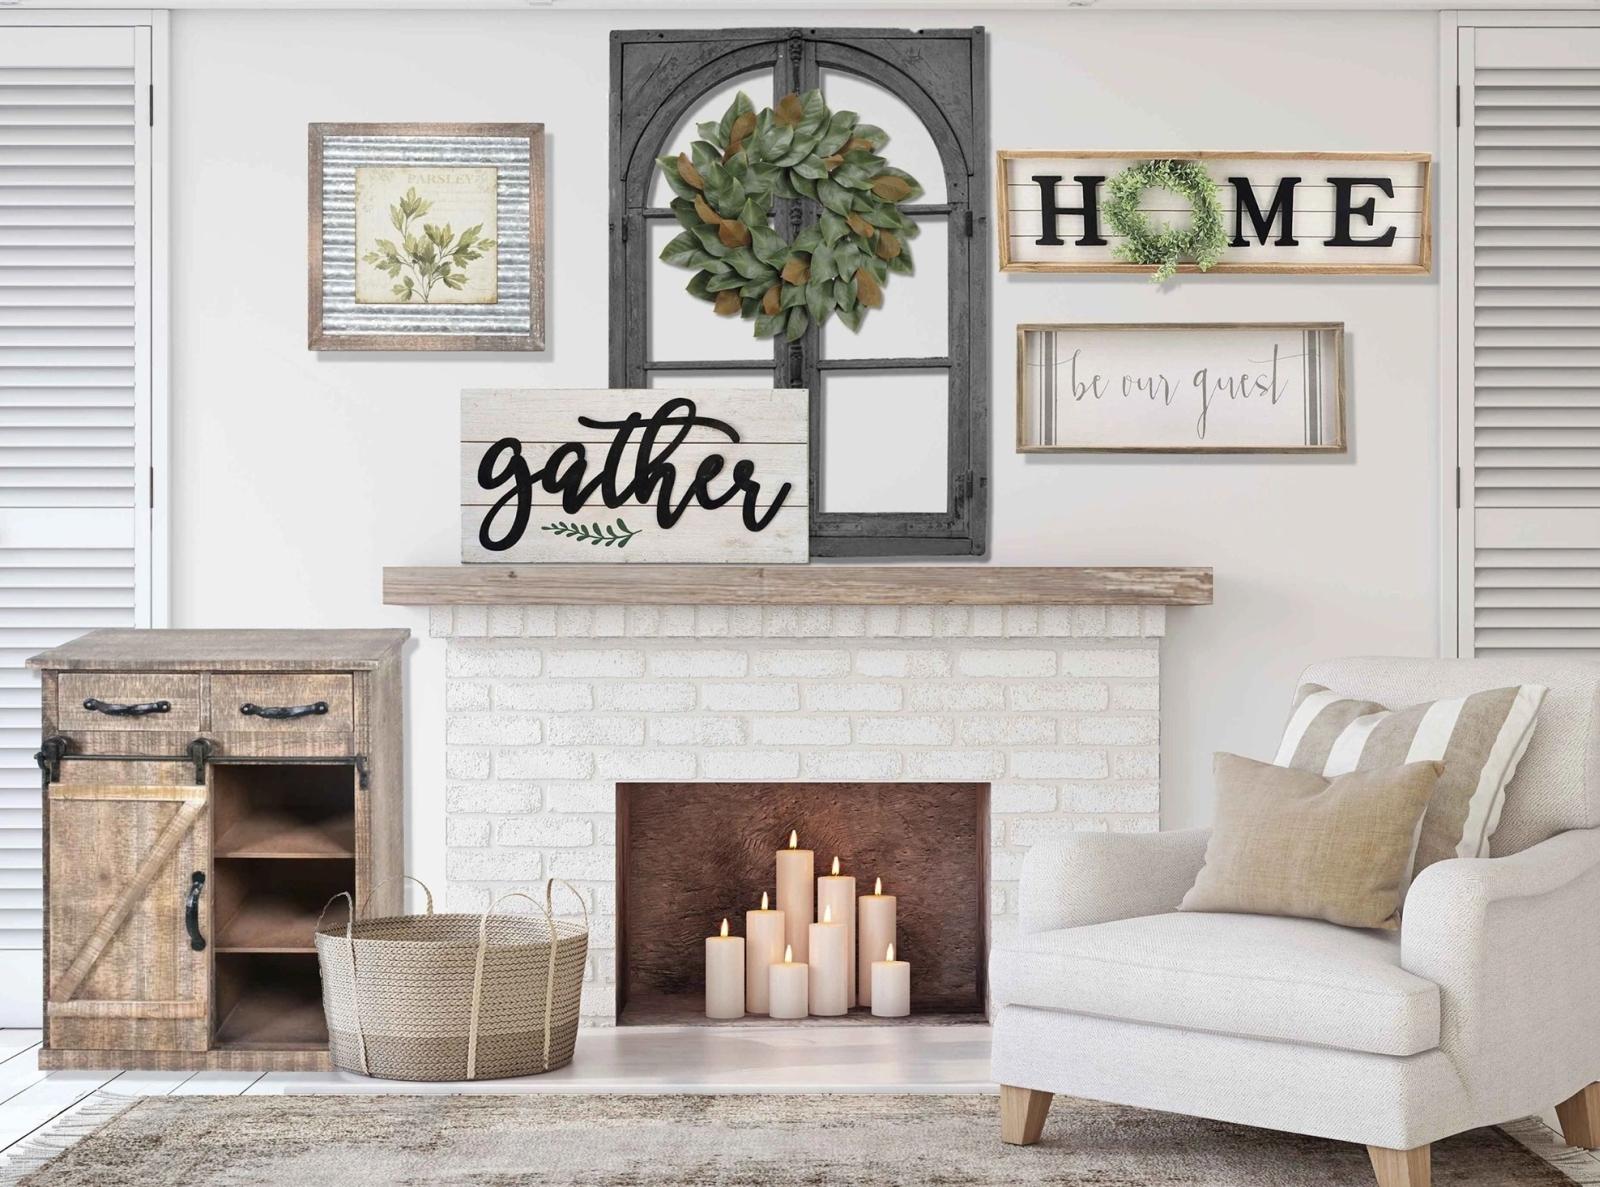 Best Home Decor Online Store   Buy Home Decor Online by Paris Loft ...